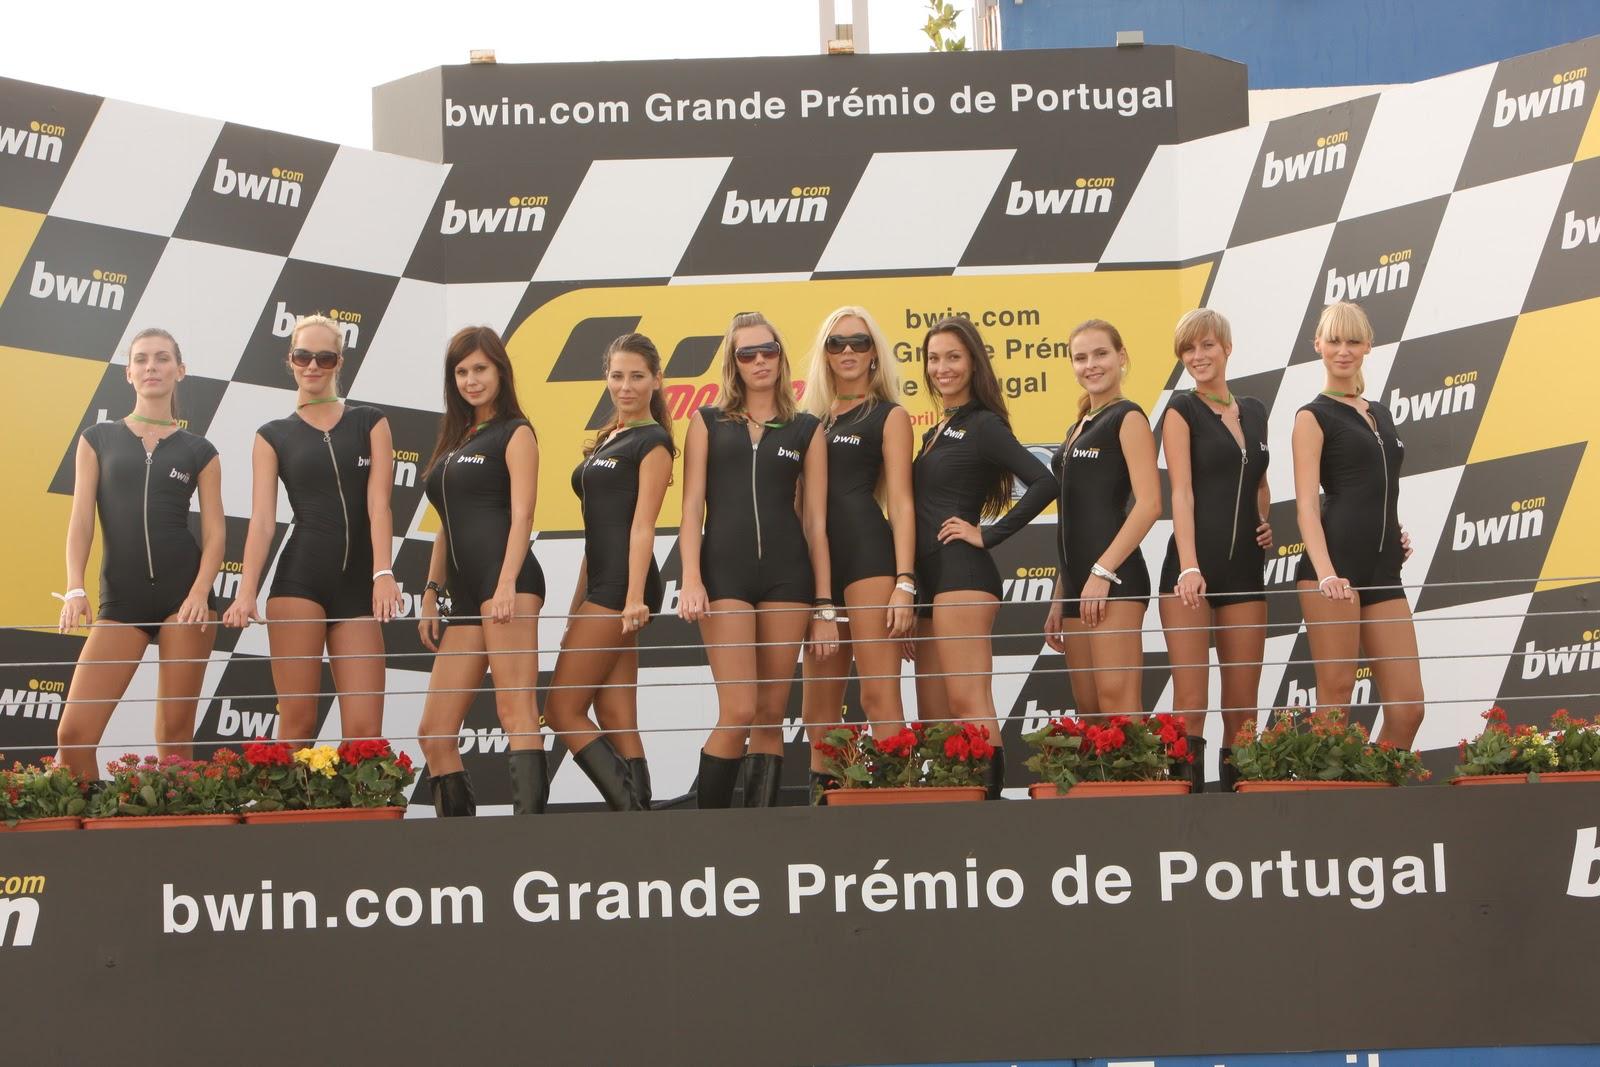 Paysafecard casino en Portugal como apostar en bwin 956482